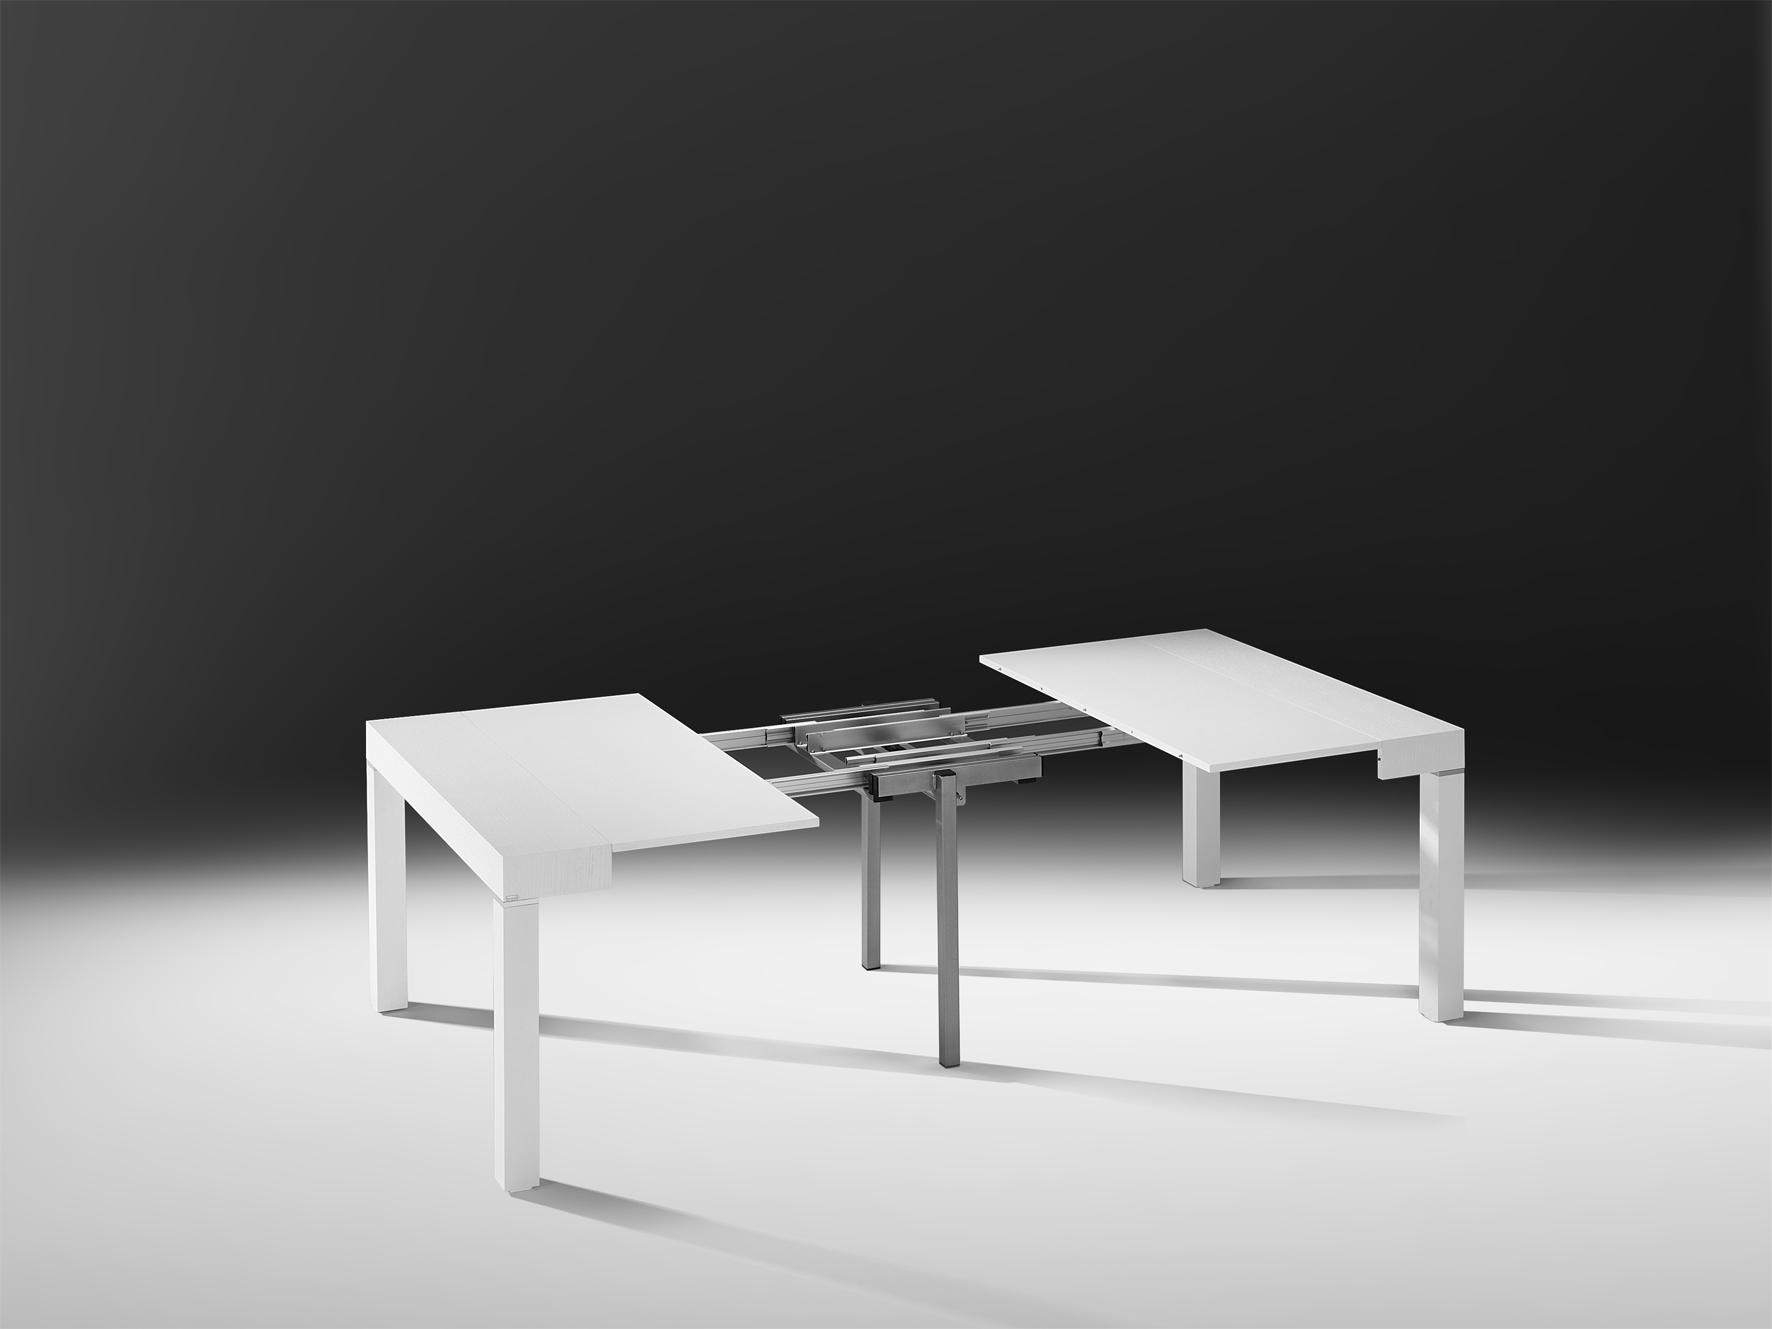 Una consolle di 50 cm diventa un tavolo da 3m e p300 l - Consolle che diventa tavolo ...